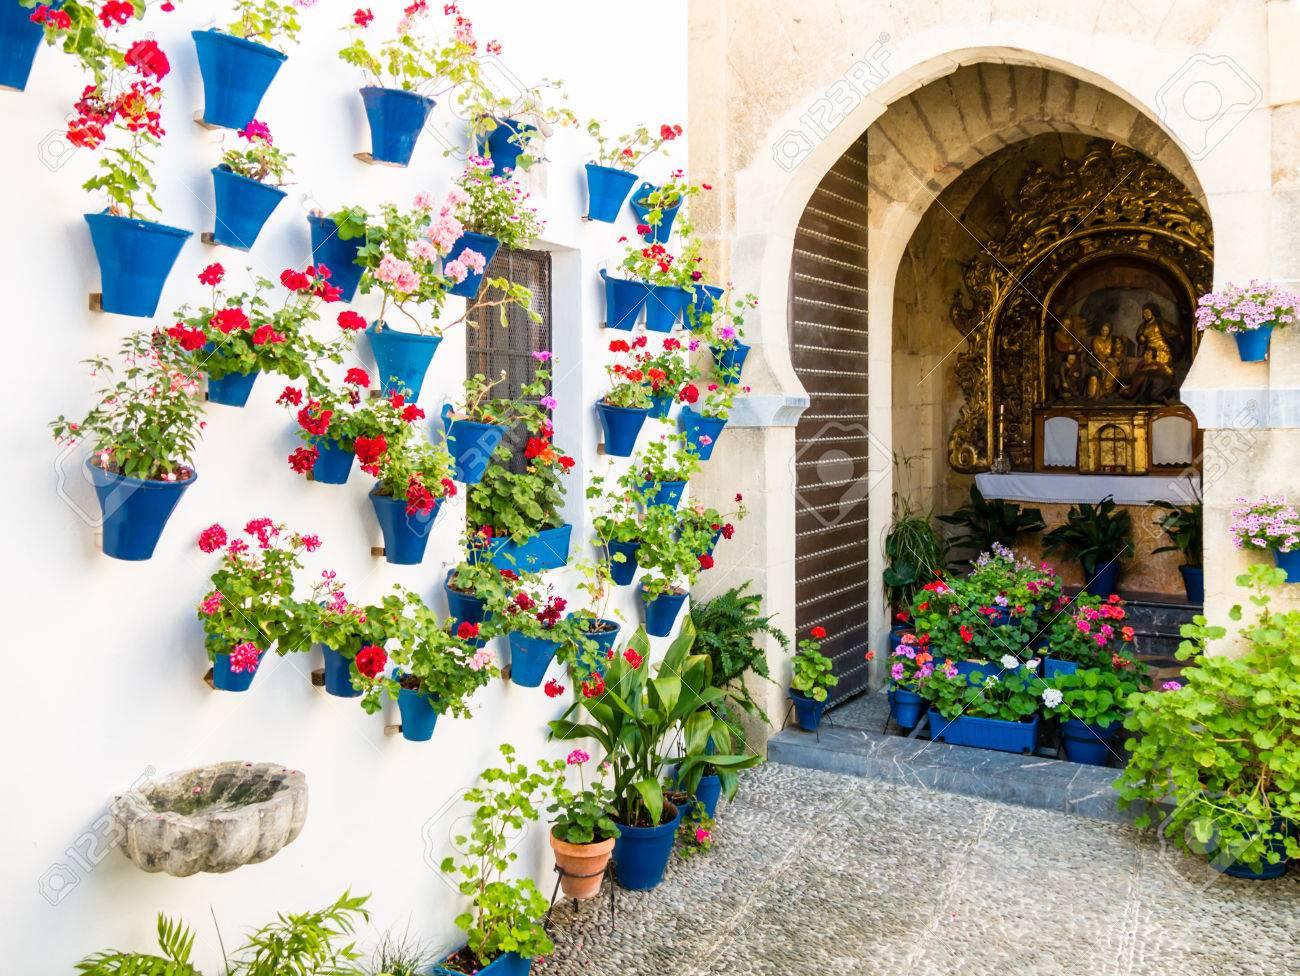 Flores En Maceta En Las Paredes En Las Calles De Cordoba Espana